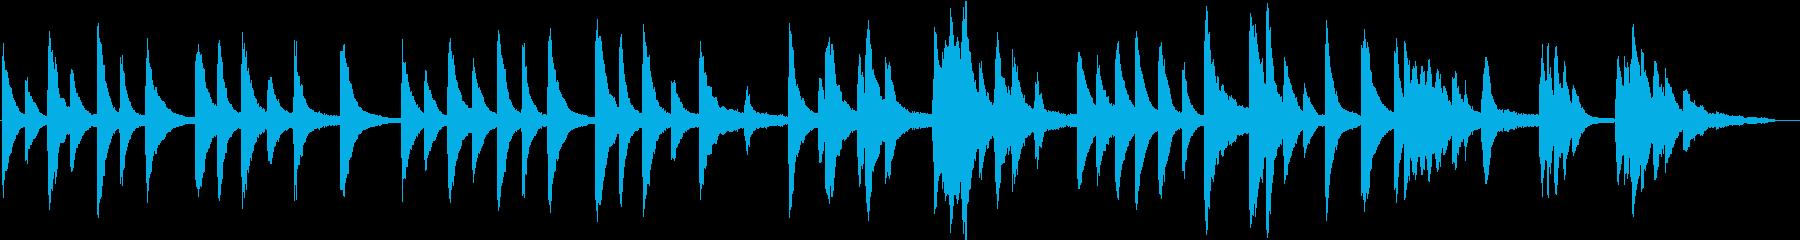 厳かな感じのゆったりとしたピアノソロの再生済みの波形